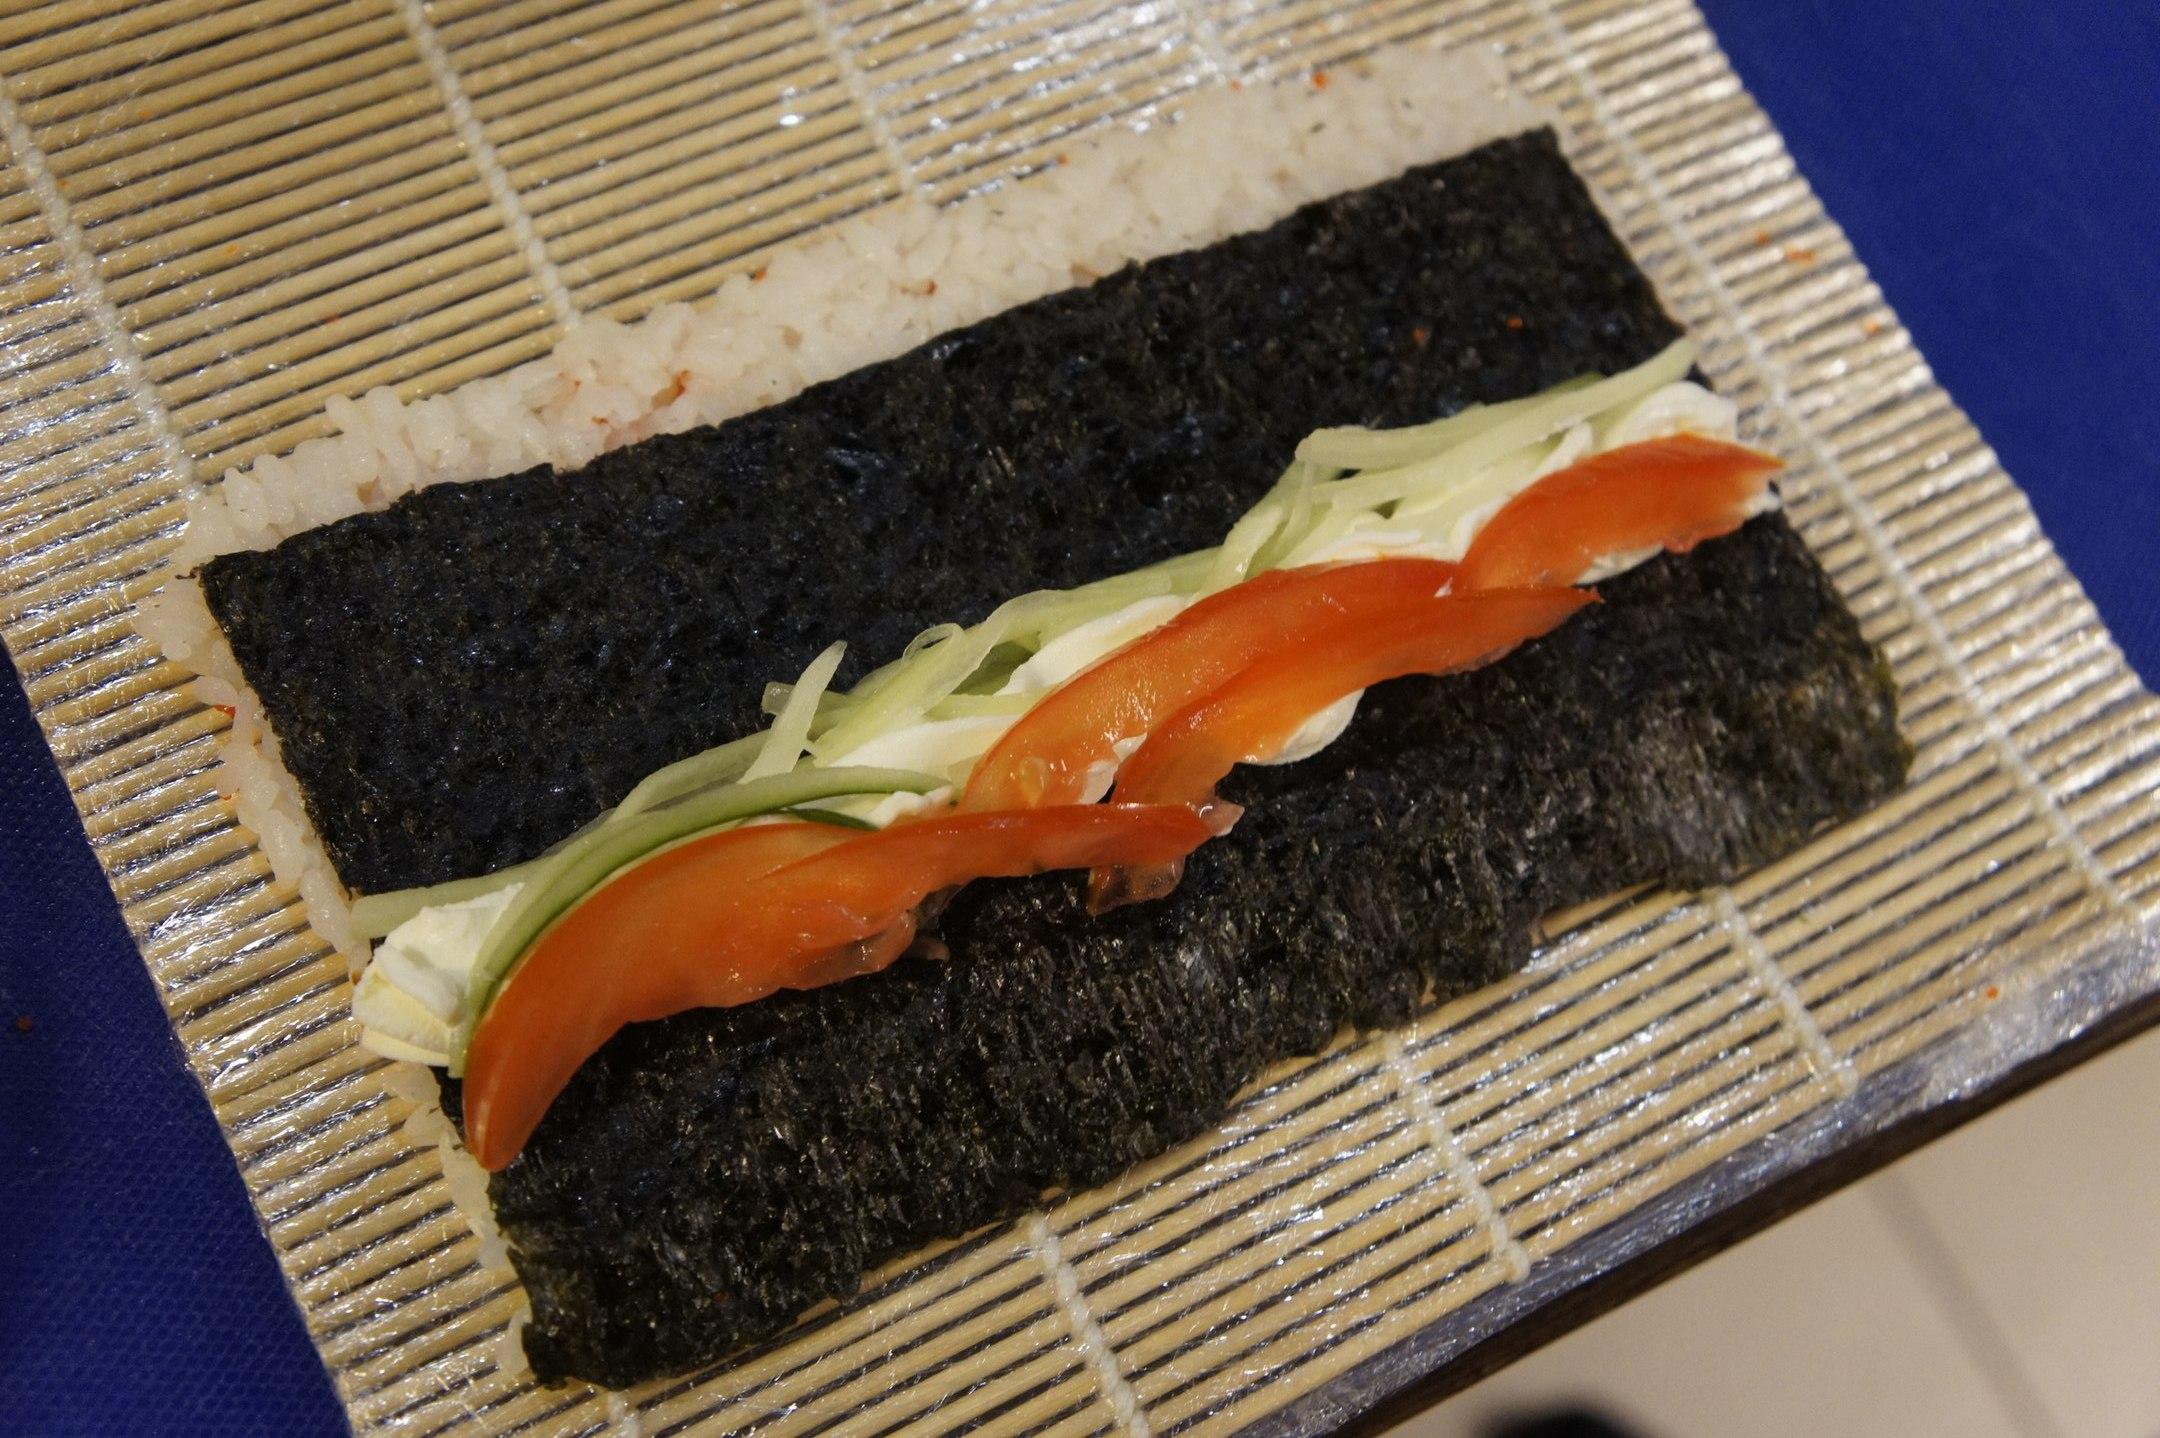 террористы как приготовить суши дома рецепт с фото стиле